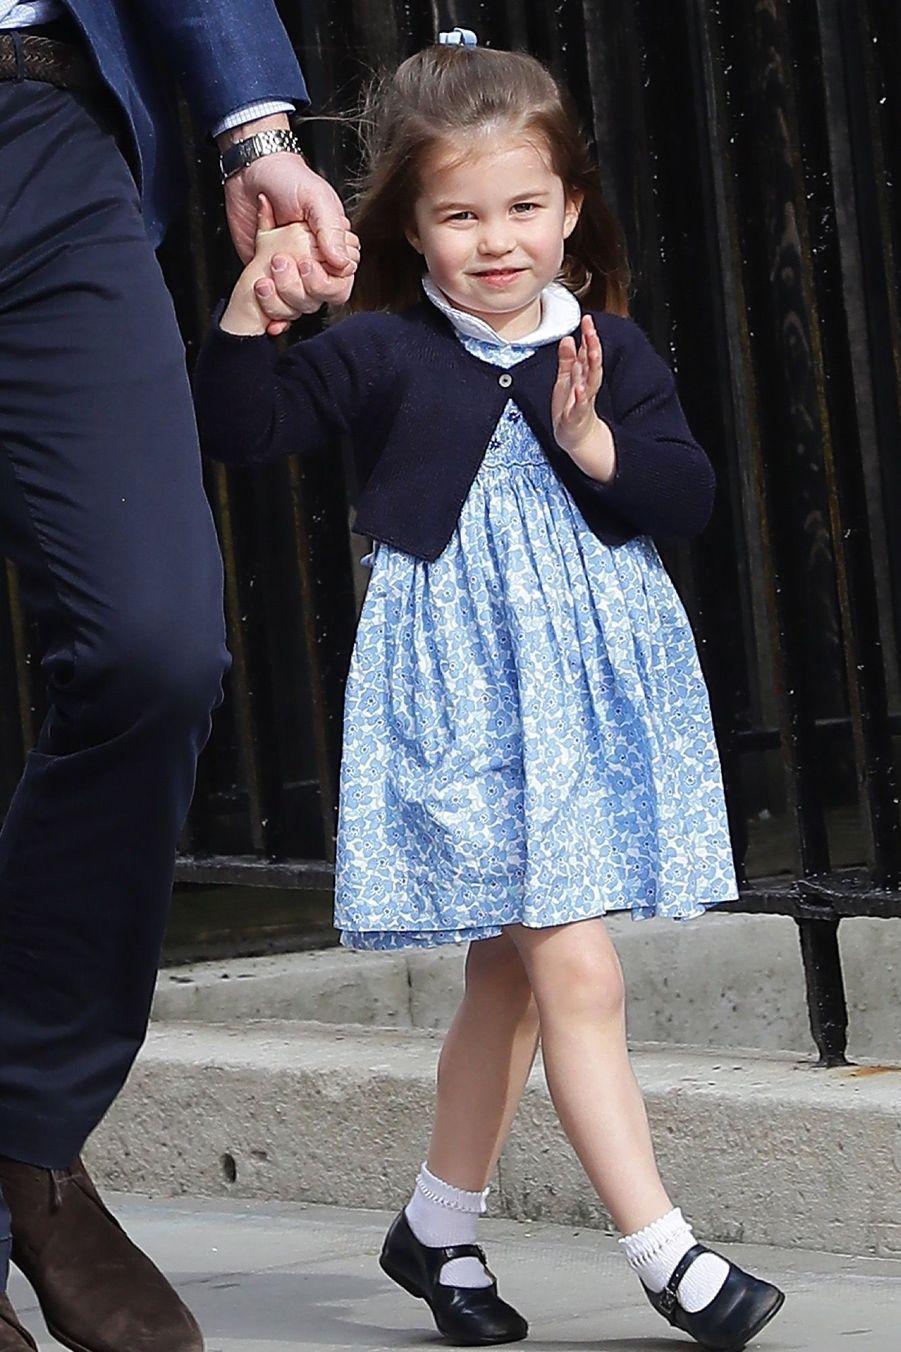 Le Prince George Et La Princesse Charlotte Rencontrent Leur Petit Frère 19